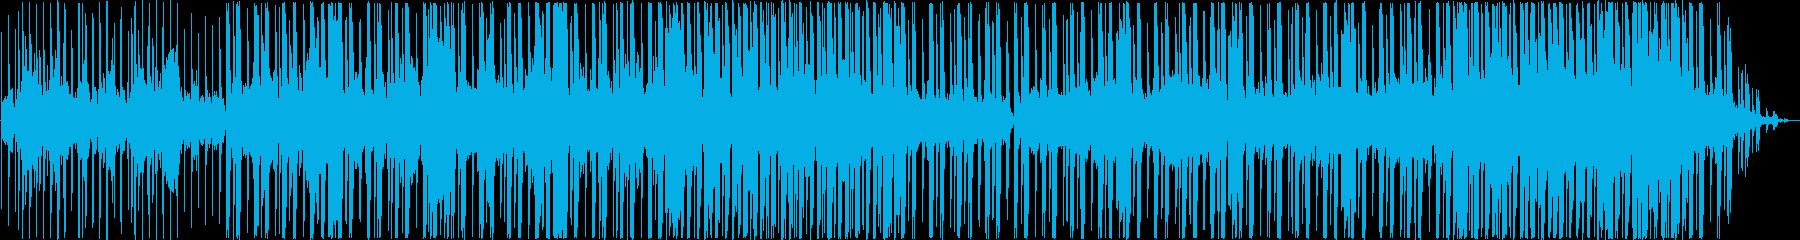 軽やかなテンポのギターミュージックの再生済みの波形